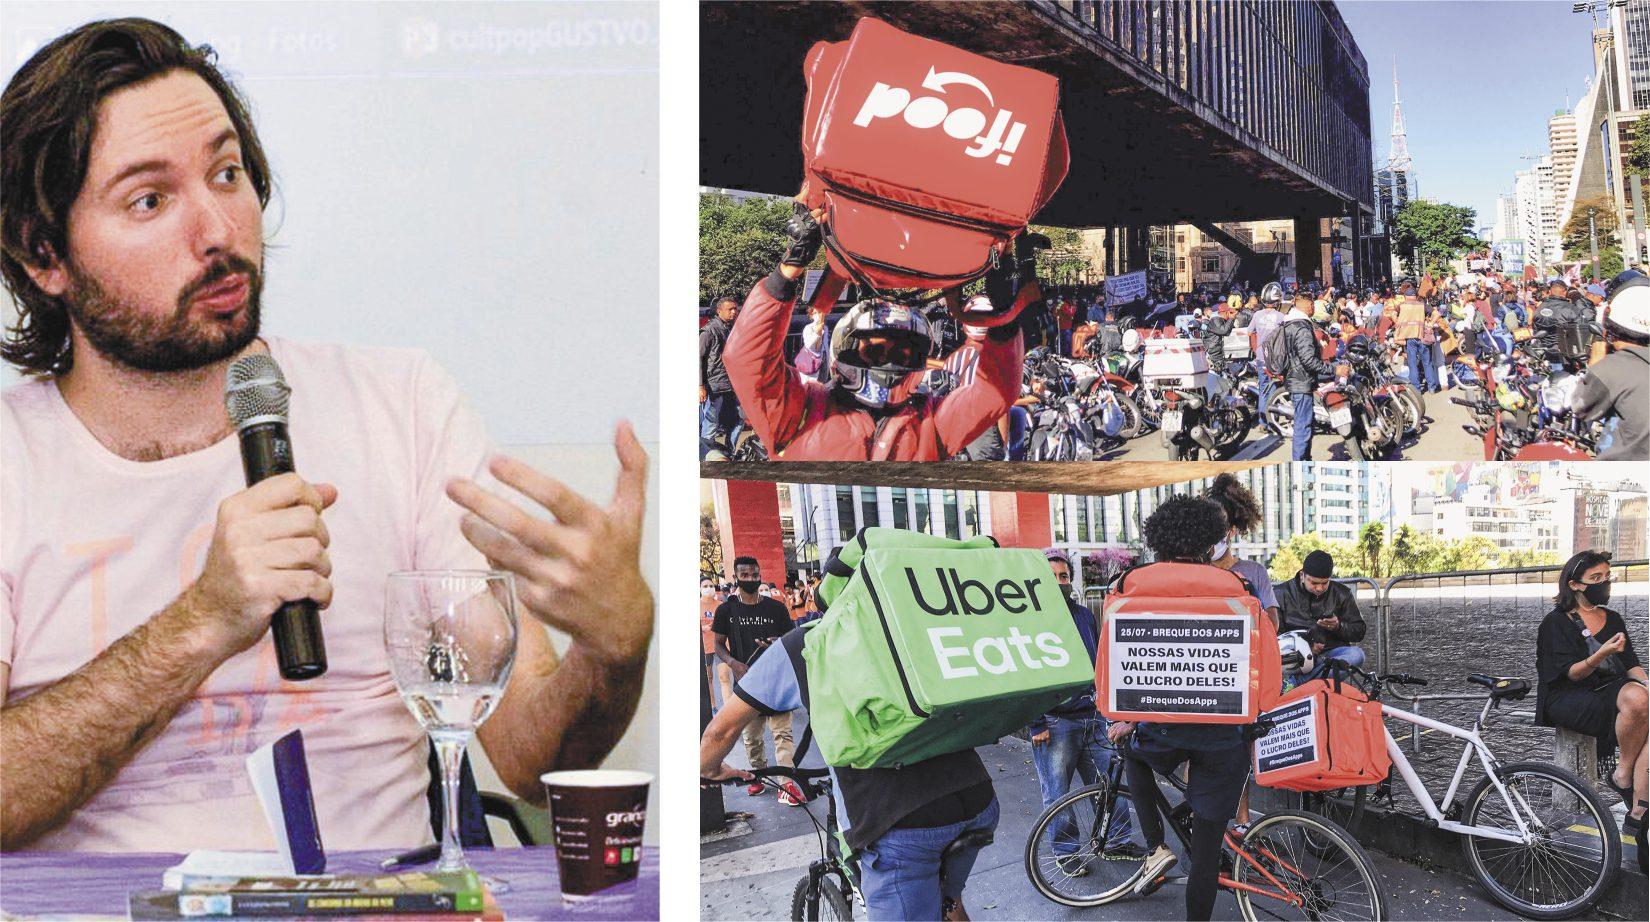 O pesquisador Rafael Grohmann tem subsidiado movimentos de entregadores que visam formar cooperativas de trabalho em plataformas digitais. Entregadores Antifascistas já realizaram duas greves nacionais